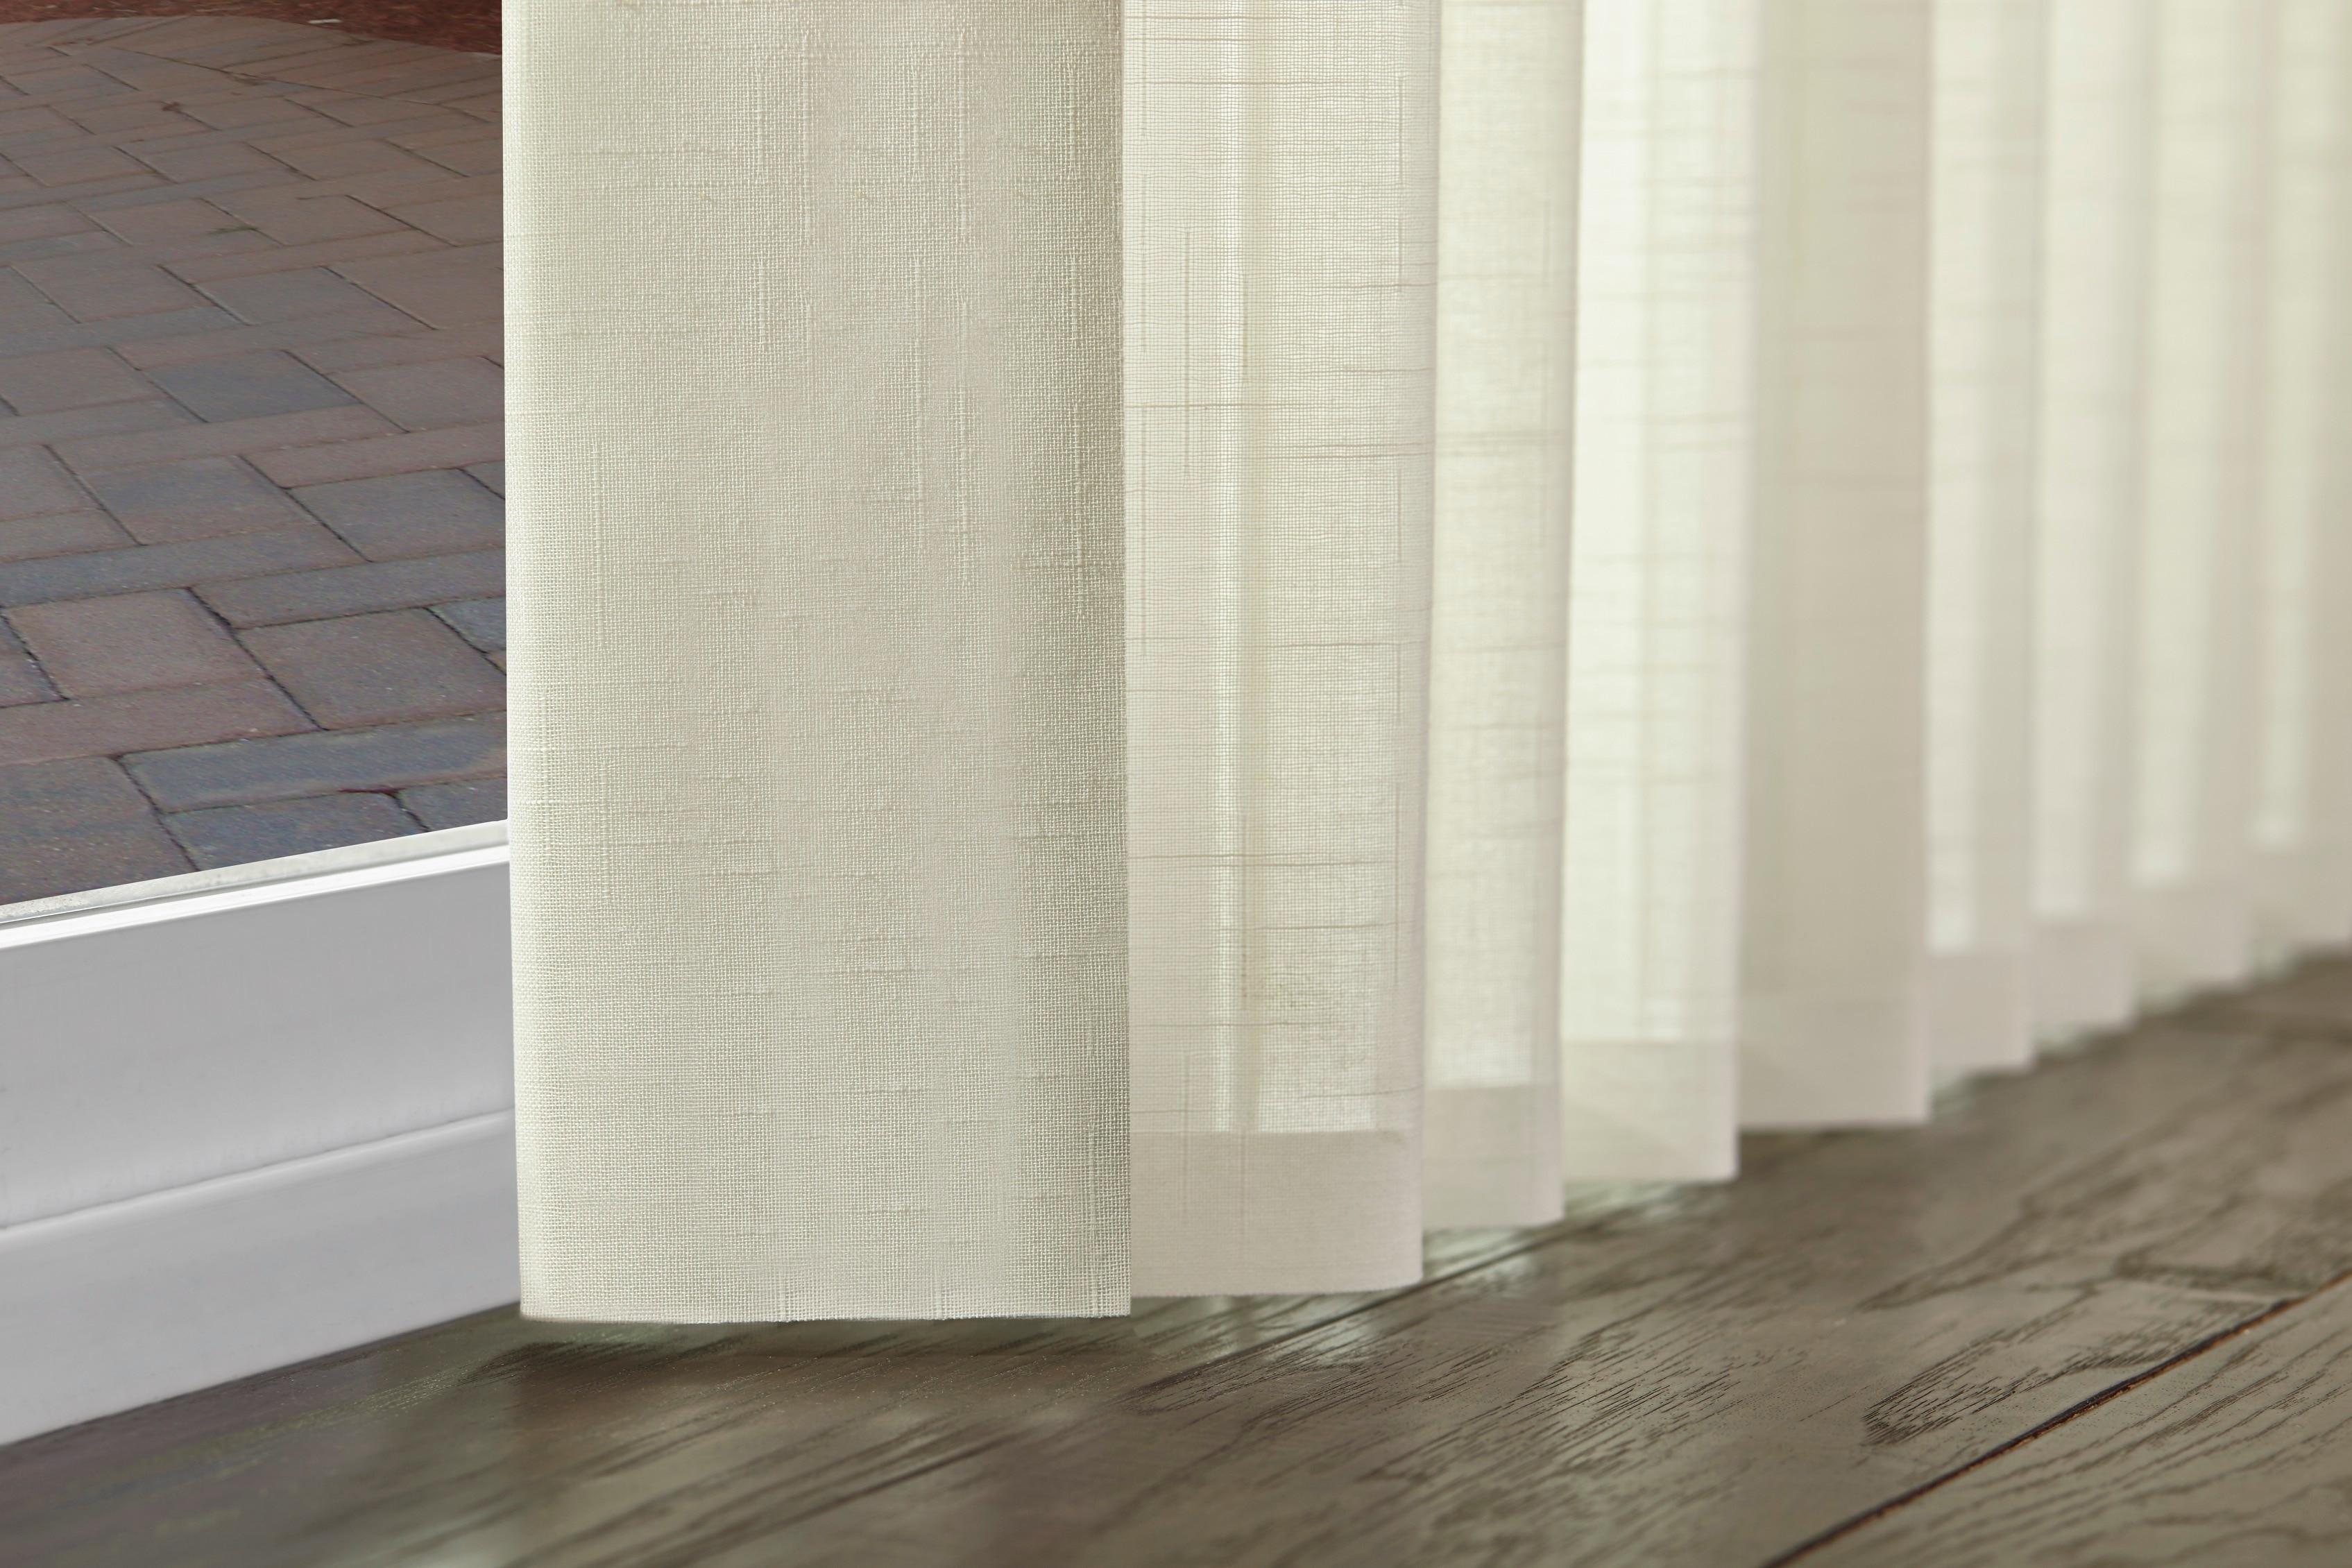 100 Levolor Panel Track Blinds Home Depot Patio Blinds Home Design Stunning Vertical Blinds